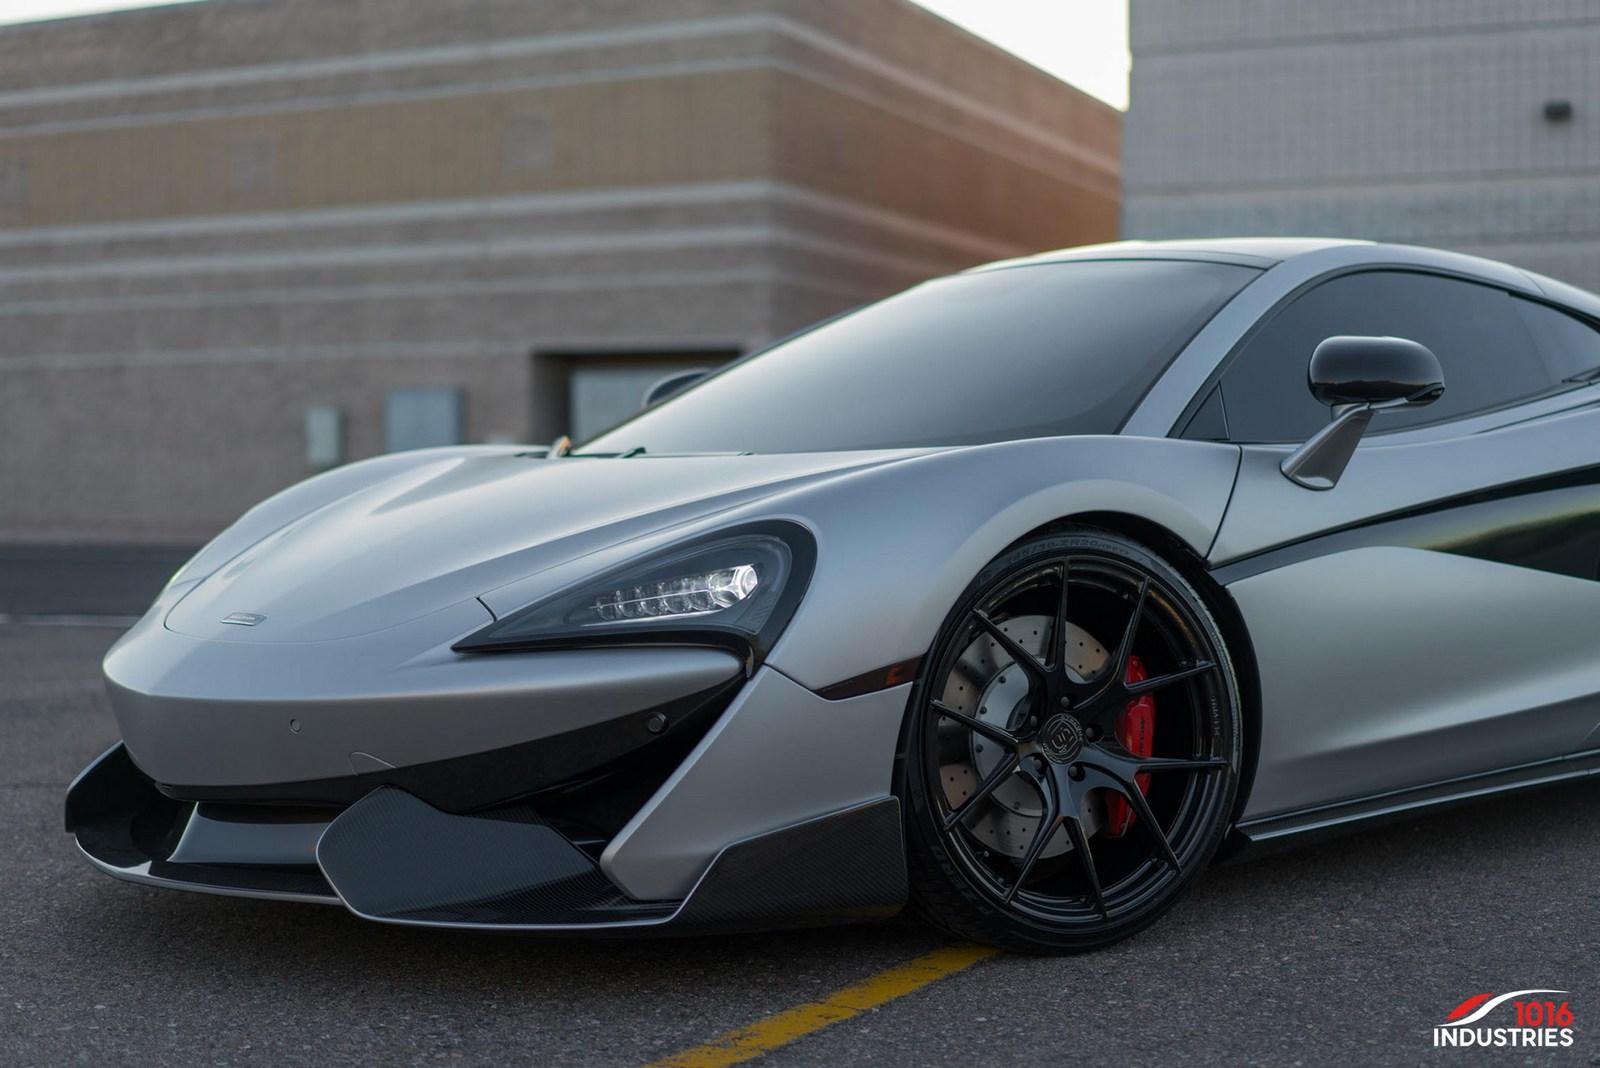 McLaren-570S-Sport-Series-by-1016-Industries-1 (4)